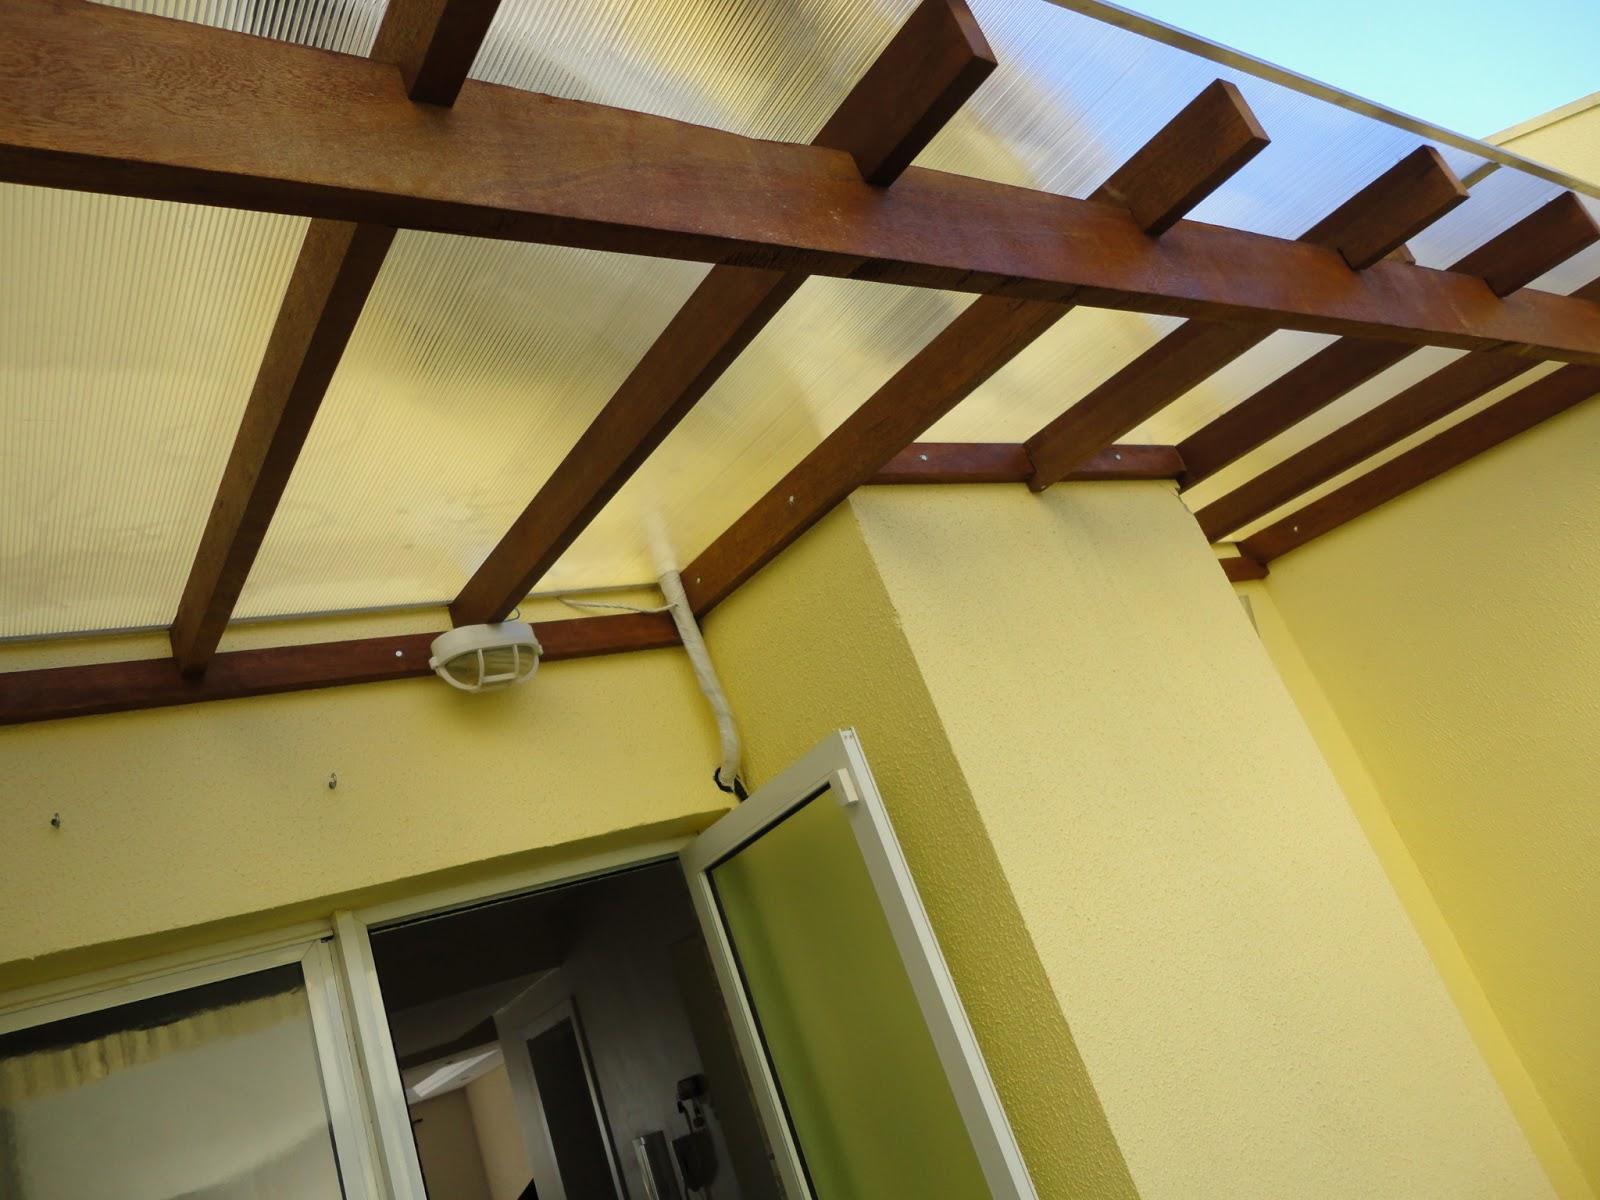 TOK RÚSTICO: Chapa de policarbonato com estrutura em madeira #1C5AAF 1600x1200